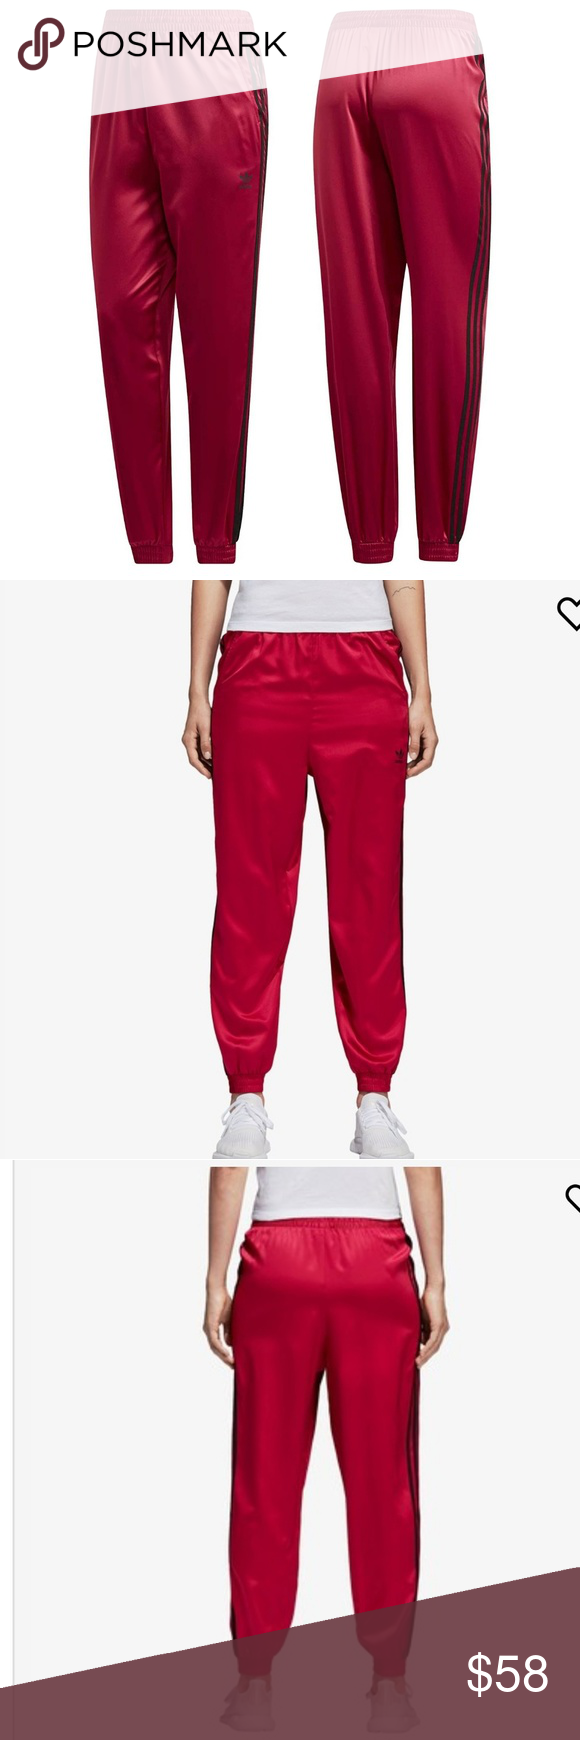 b7356c94f97ca Adidas Women Originals LEOFLAGE Pants Pride Pink M Size: M Description LEOFLAGE  PANTS BRIGHTLY COLOURED